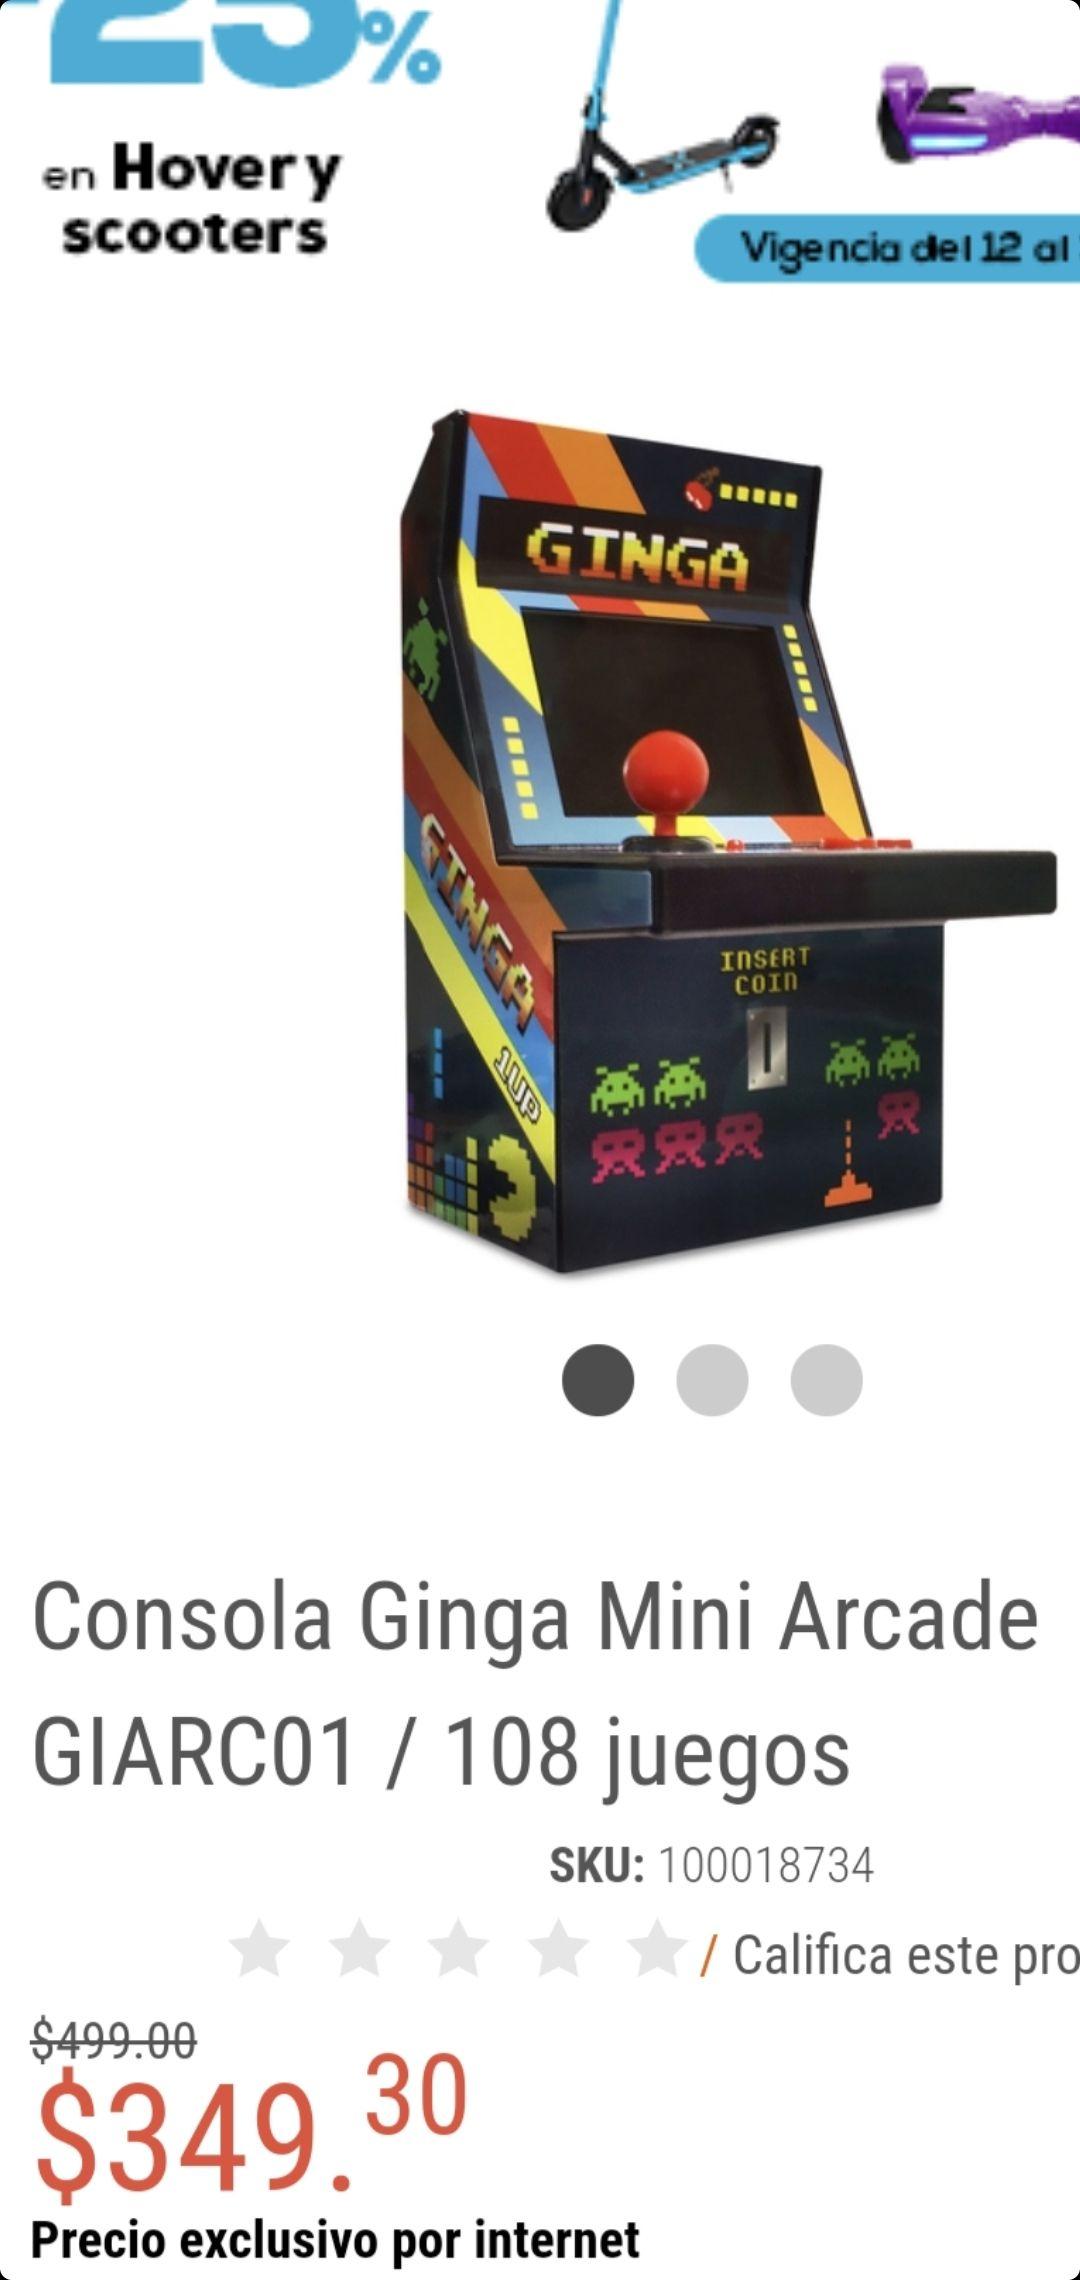 Radioshack Consola Ginga Mini arcade 108 juegos y pacman un clásico en descripcion